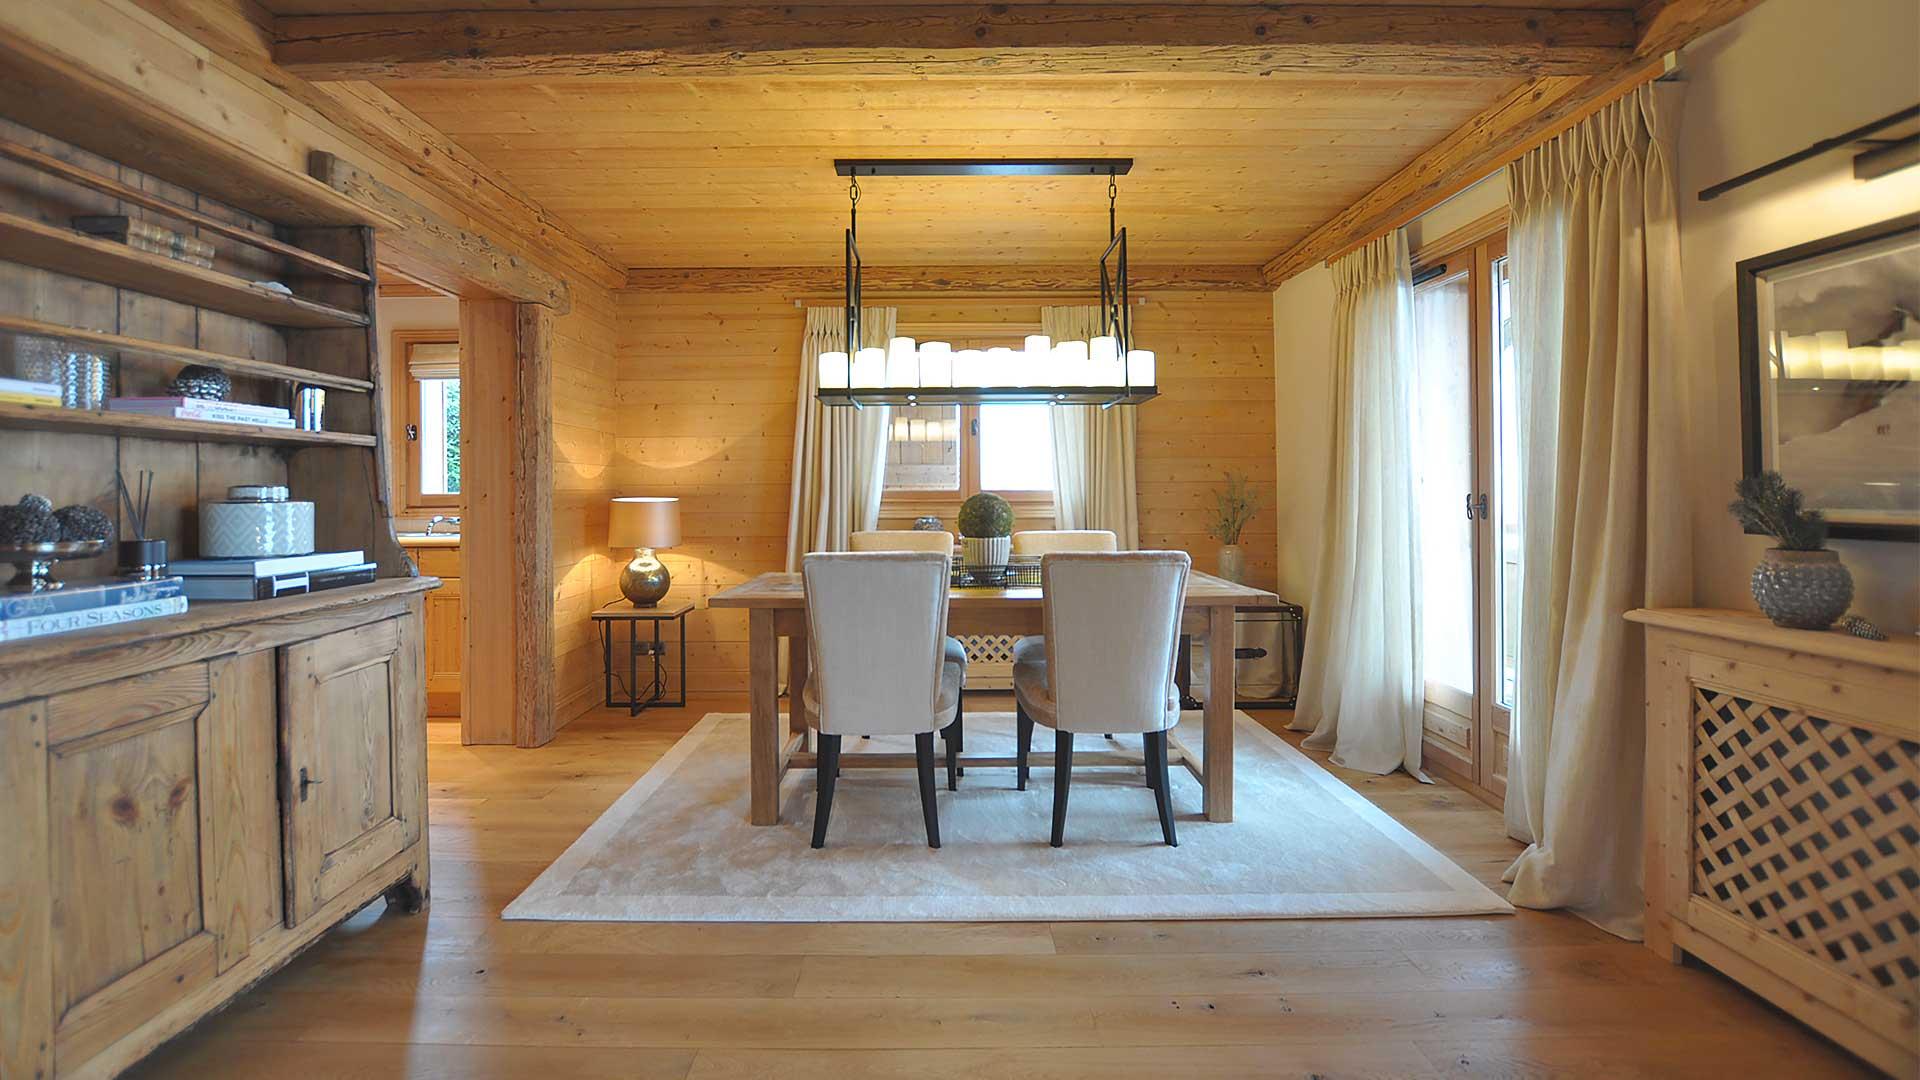 APARTMENT-FRENCH-ALPS-04-Dome-interior-design-Geneve-Suisse